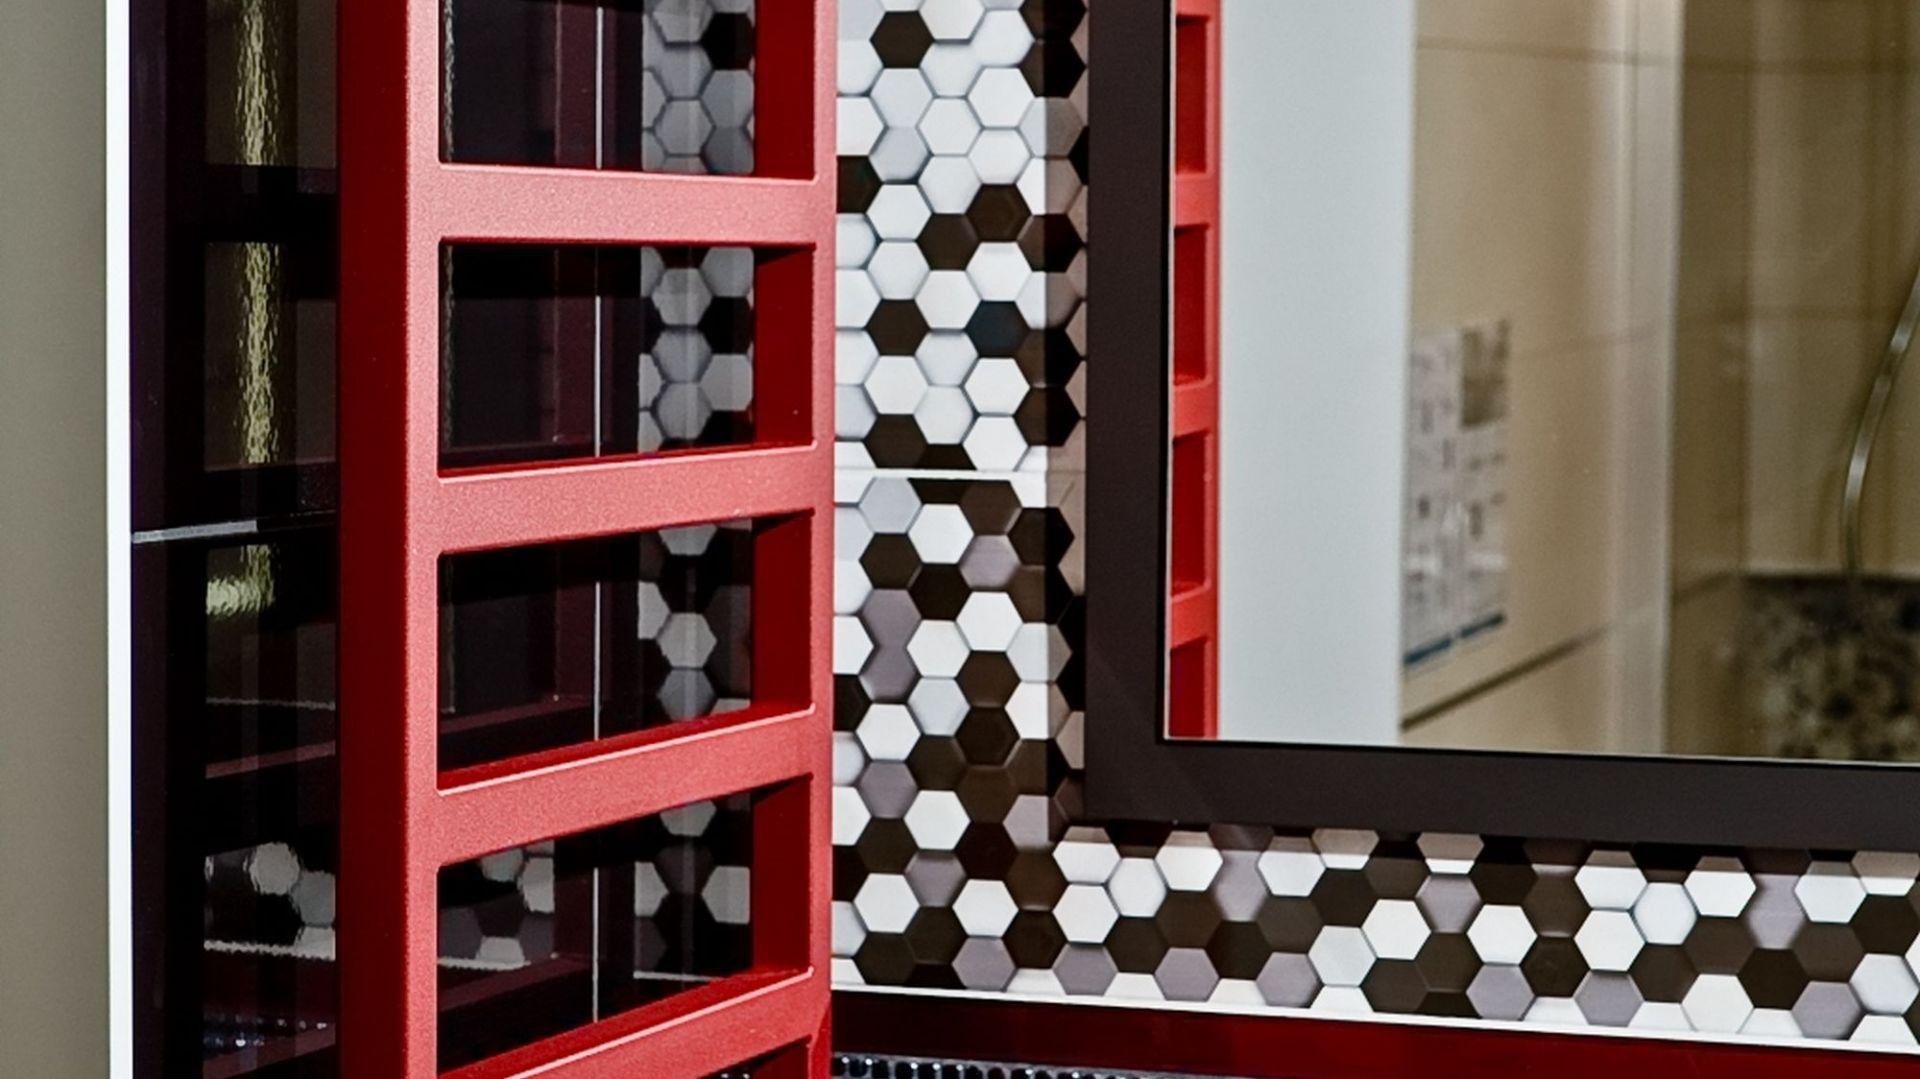 Grzejniki Dekoracyjne Rozwiązania W Małym Mieszkaniu